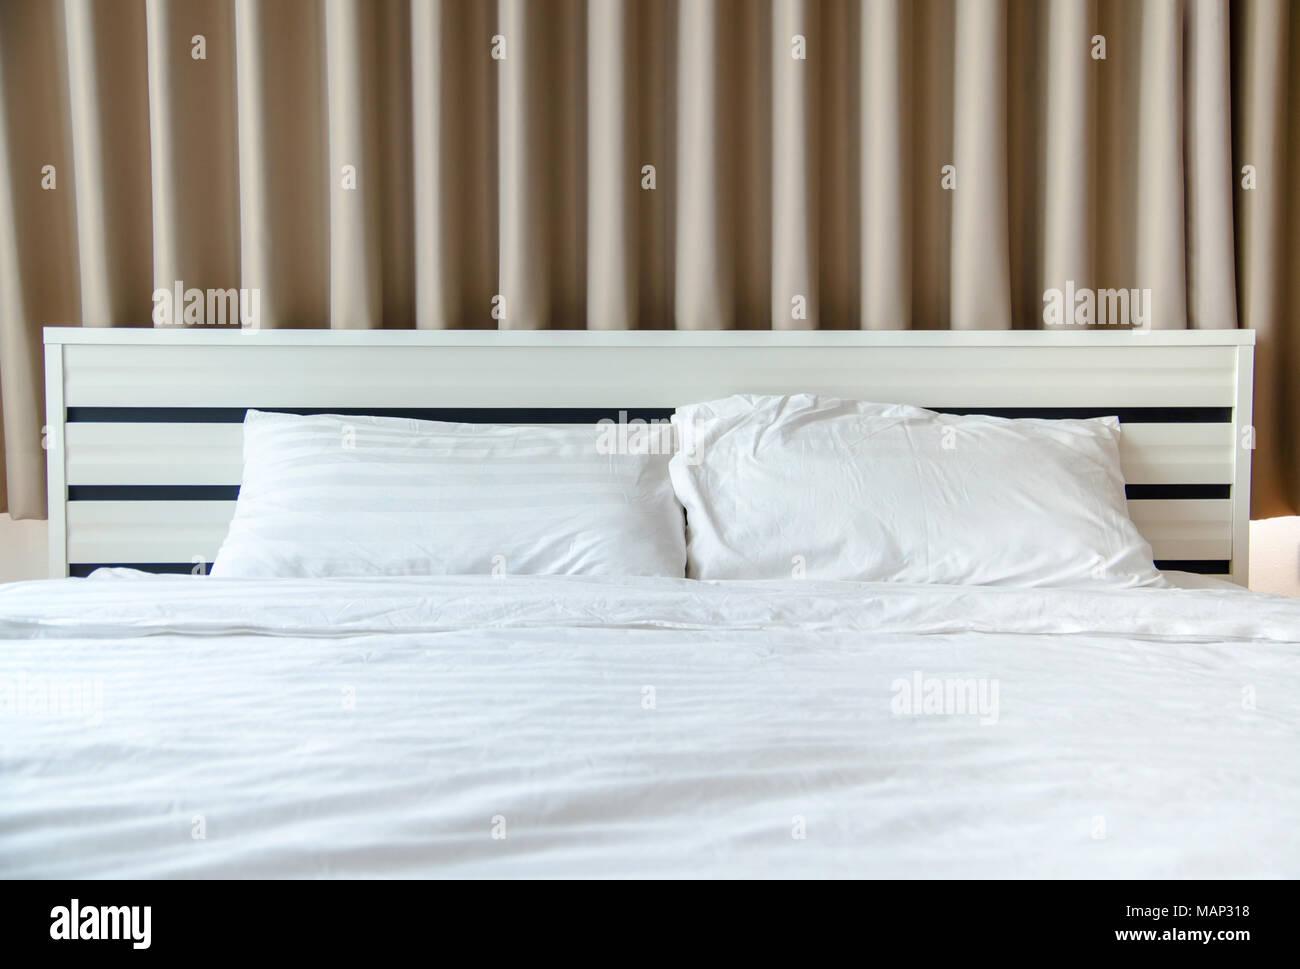 Inspirierend Schlafzimmer Bett Weiß Sammlung Von Quilt Weiß Kissen Auf Weißen Im